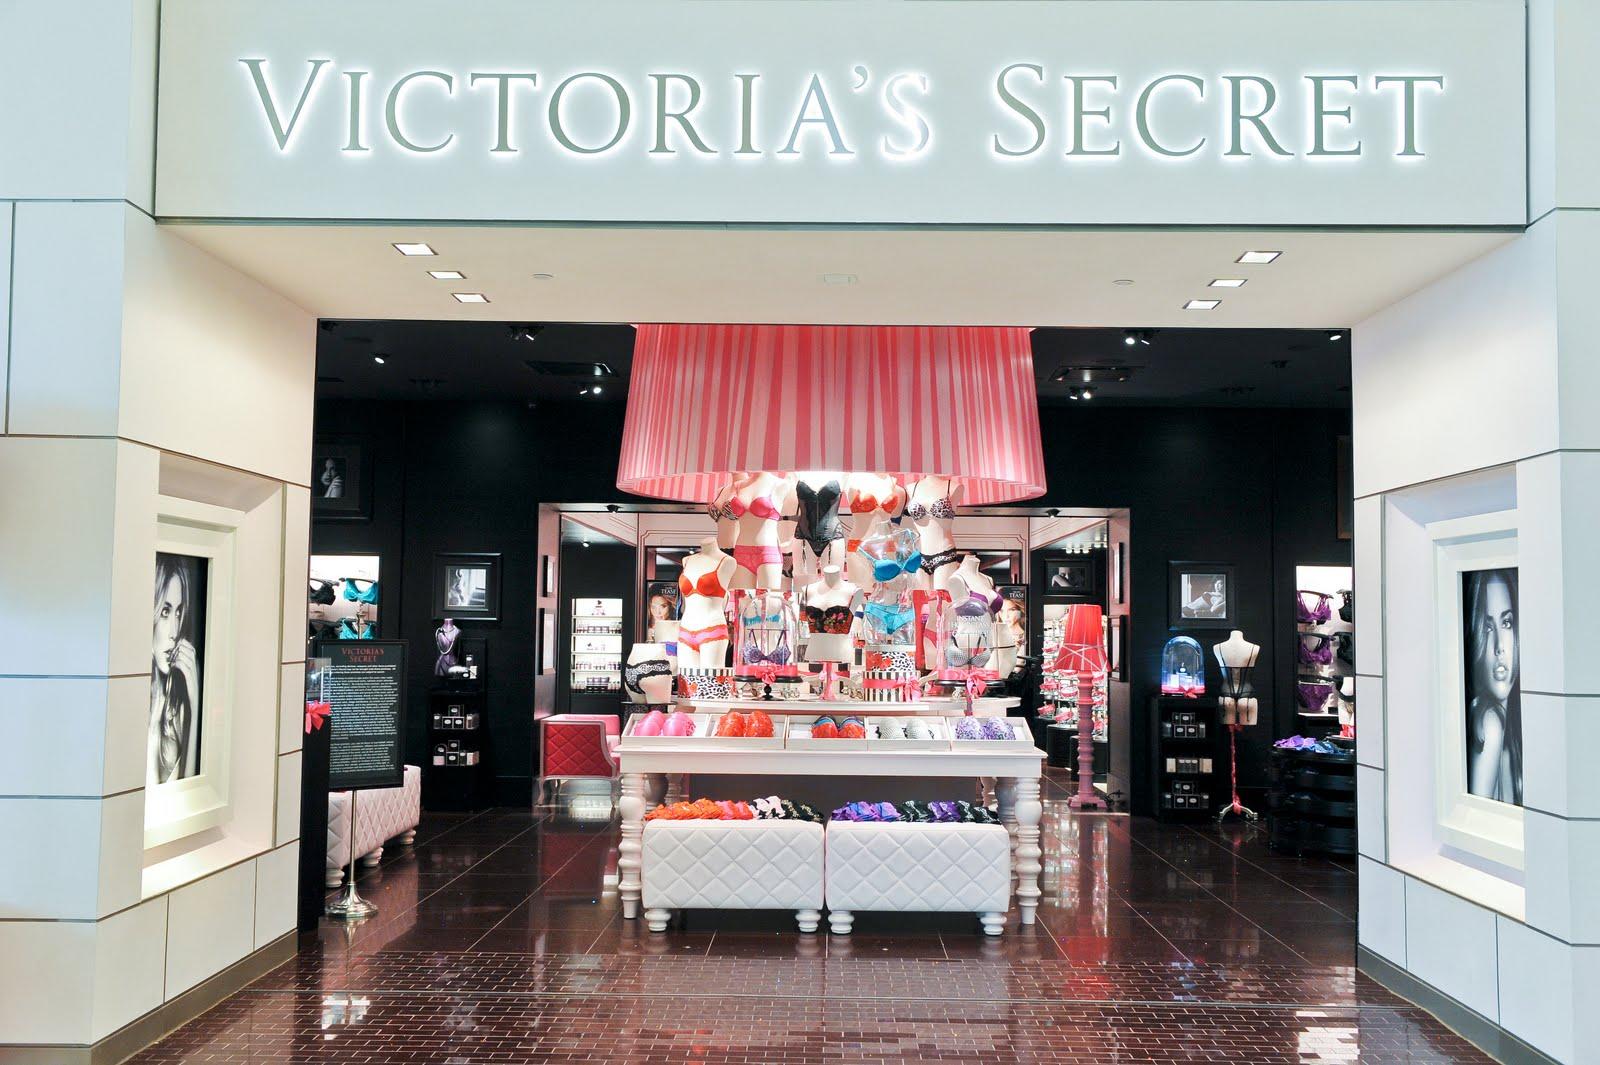 фотография магазина виктория сикрет